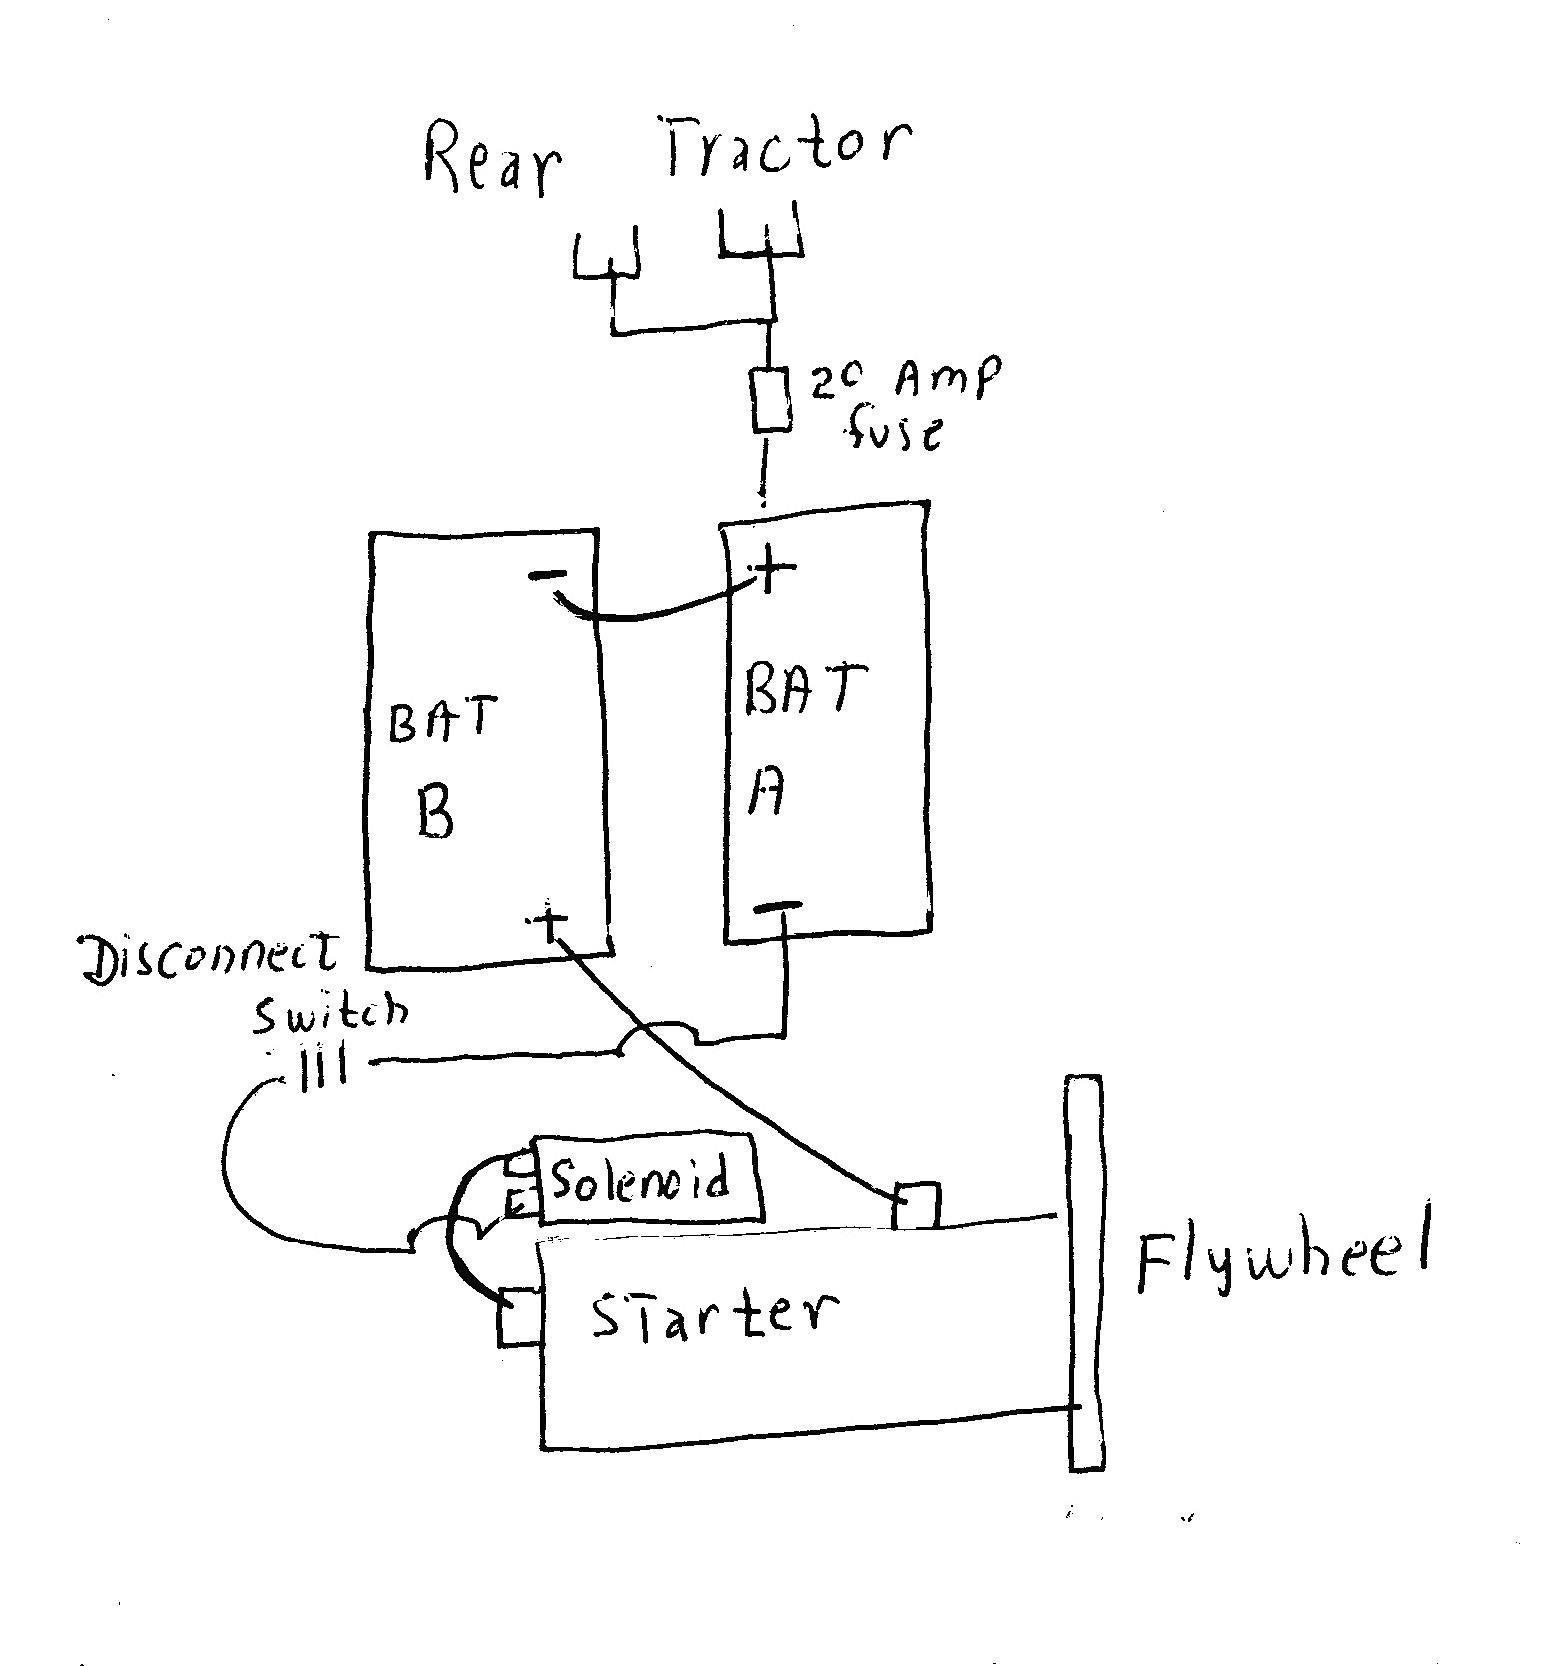 12v Starter solenoid Wiring Diagram Lovely Pretty 12 Volt solenoid Wiring Diagram Electrical and